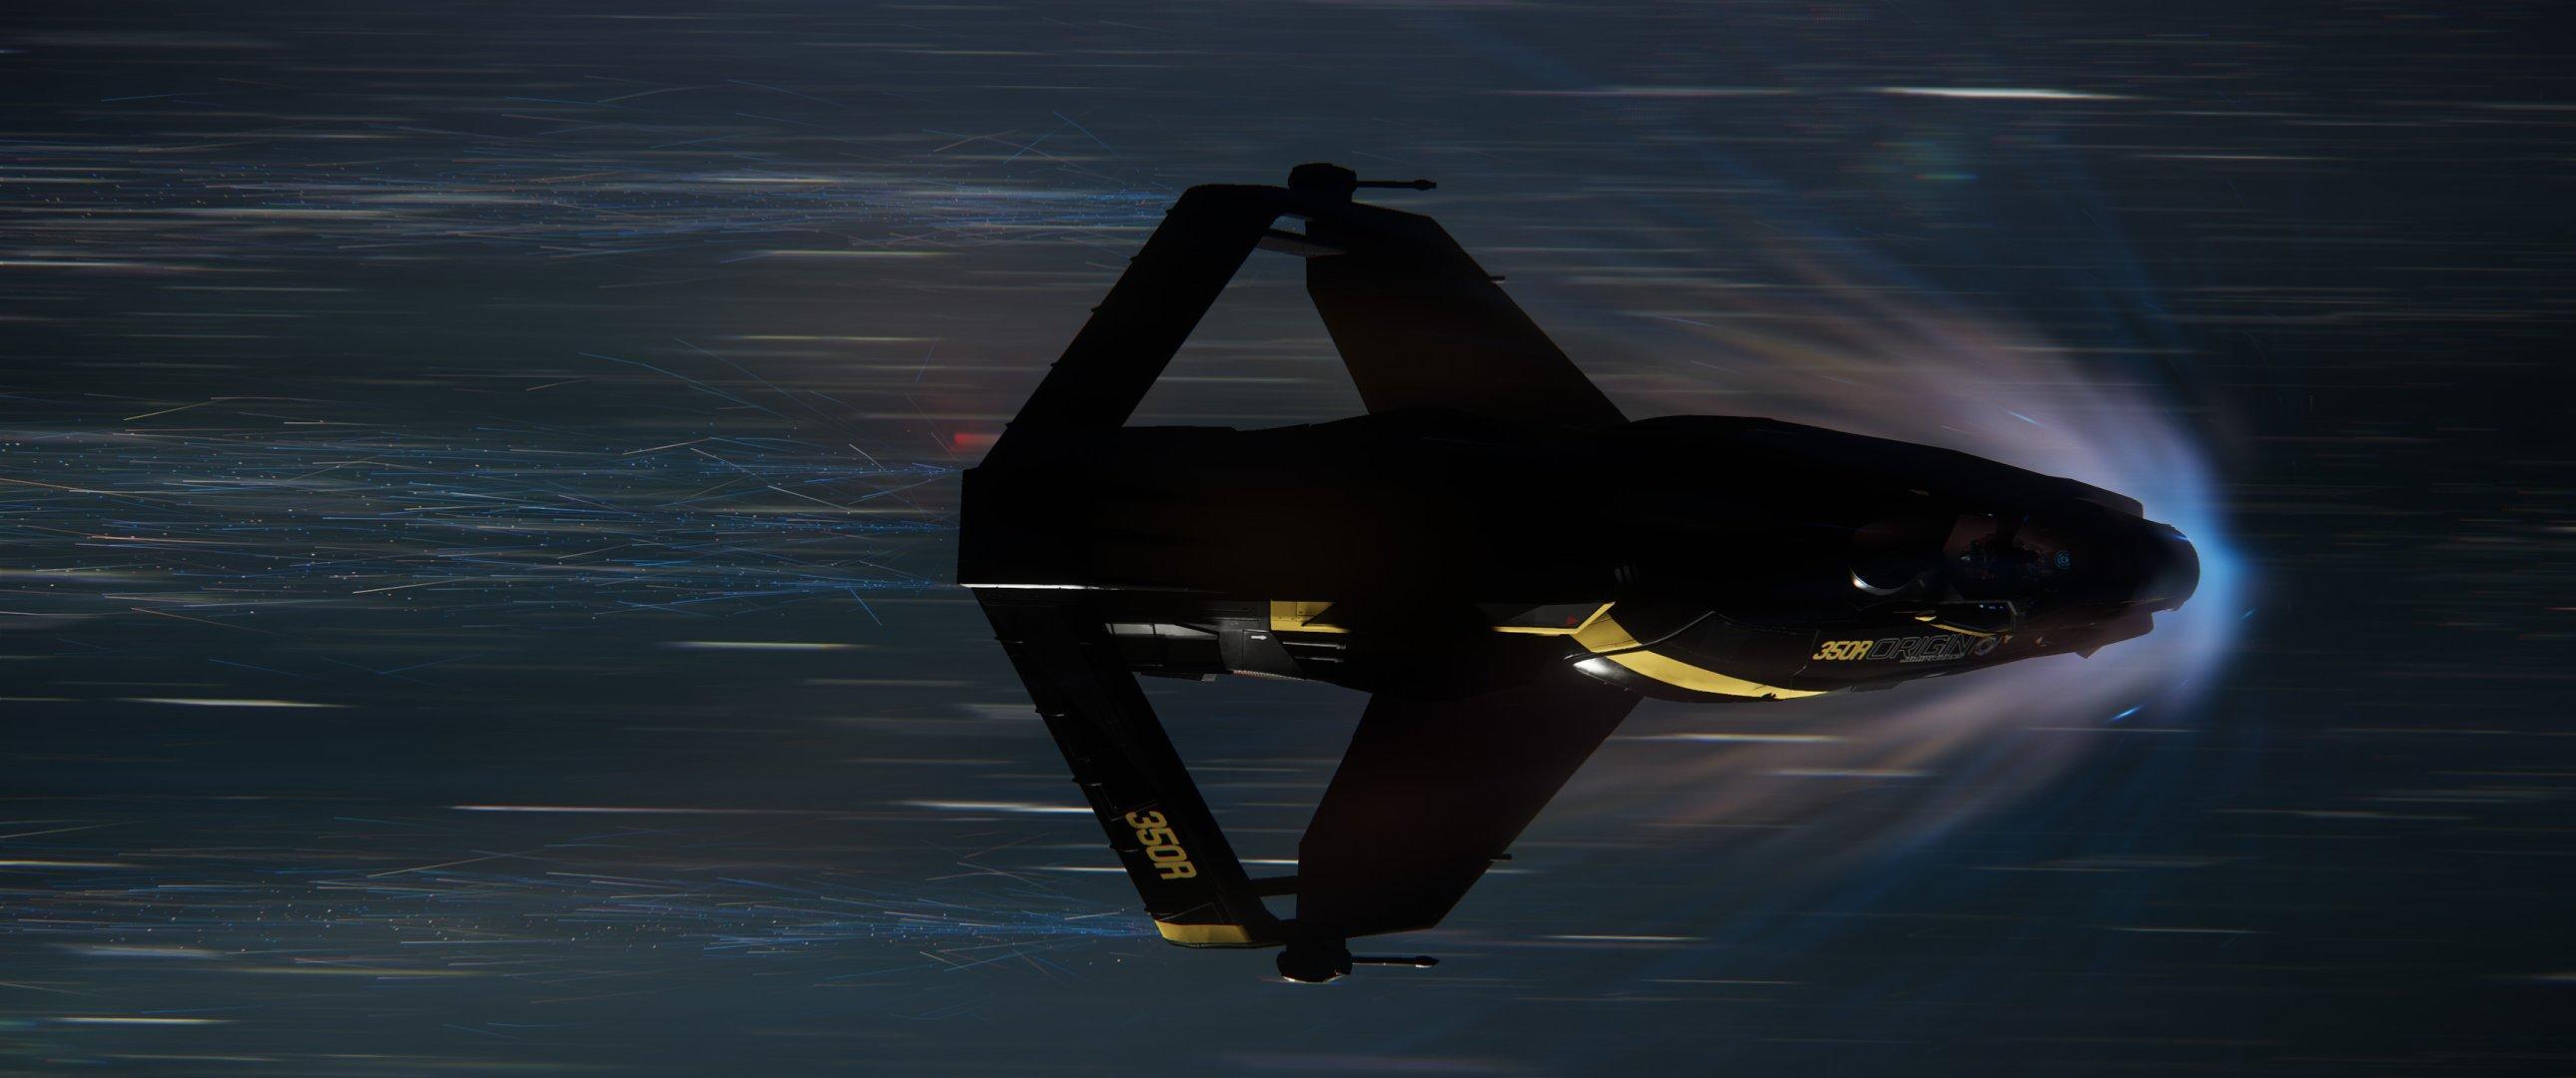 Origin 350R - Quantum Travel